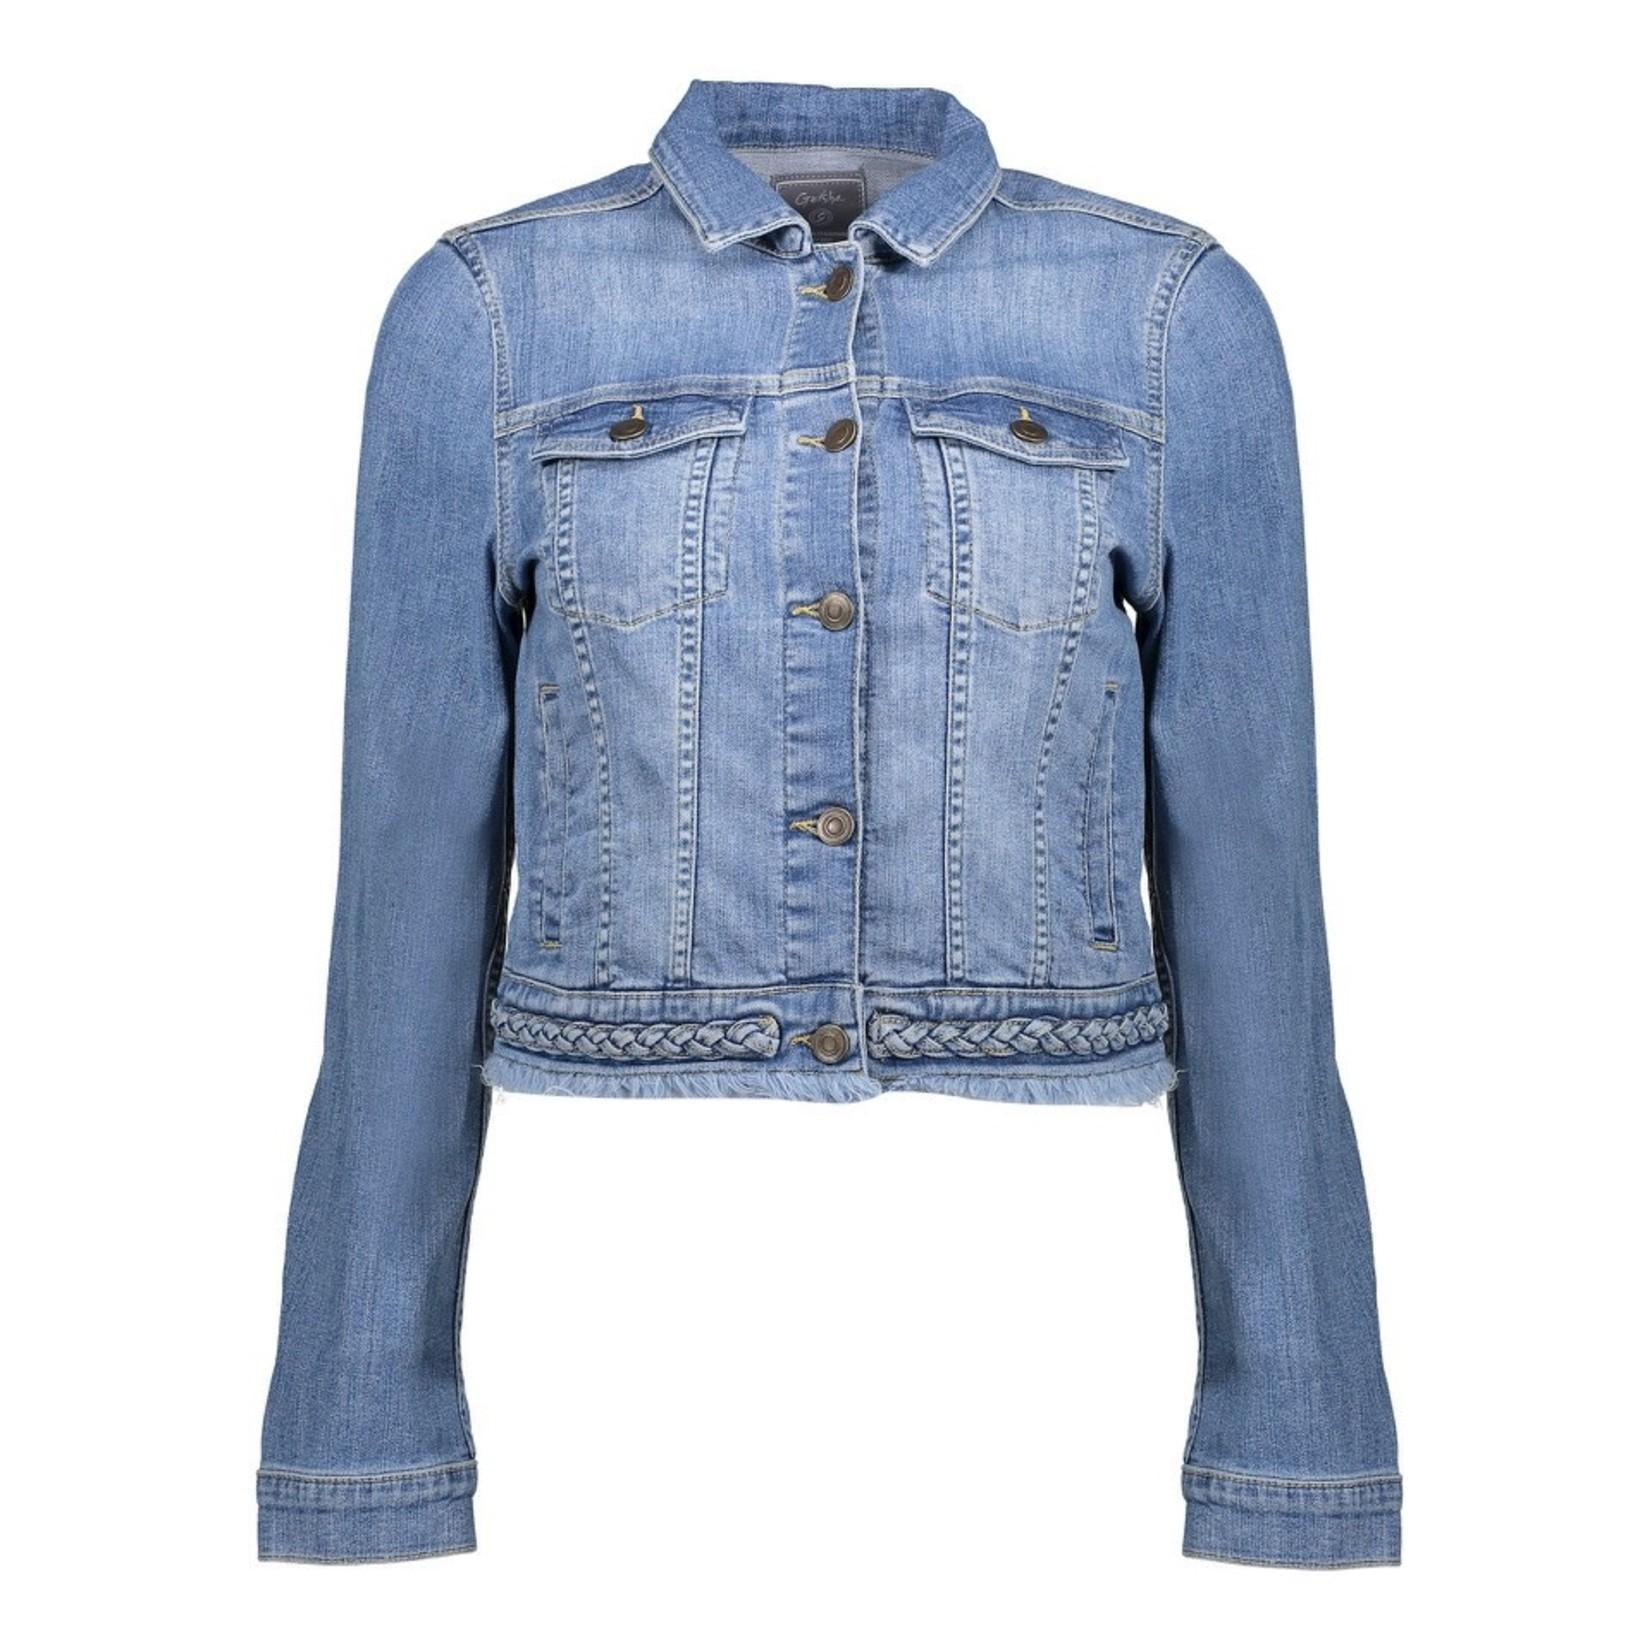 Geisha Geisha denim jacket mid blue denim 15065-43